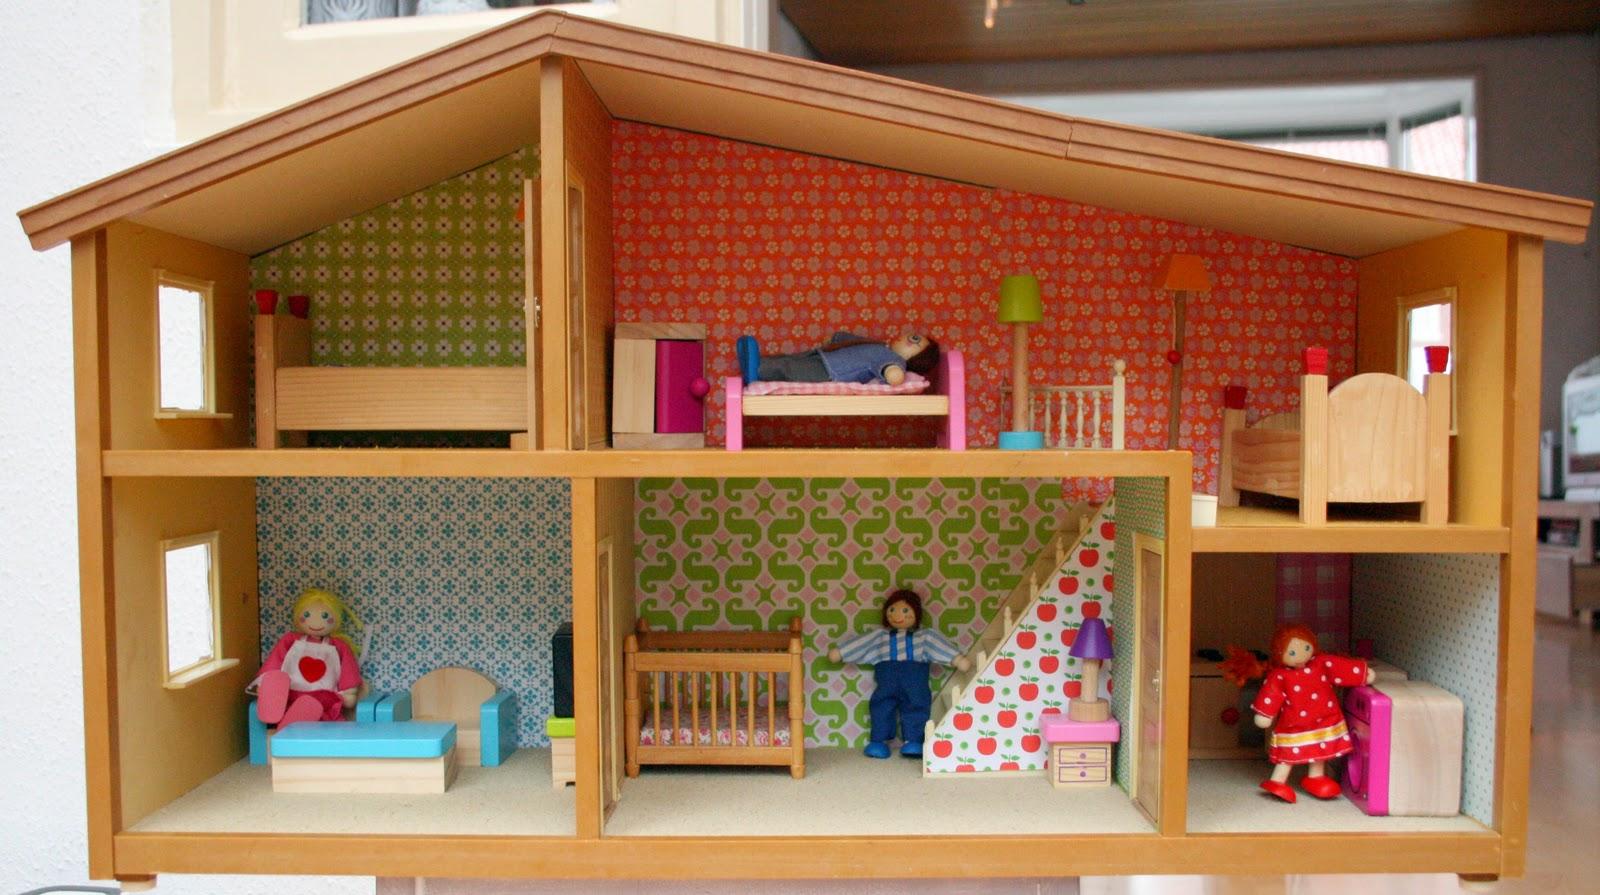 Foto Op Behang Hema.Hema Behang Cool Idee Voor De Kinderkamer Verf Je Muren Met Glow In